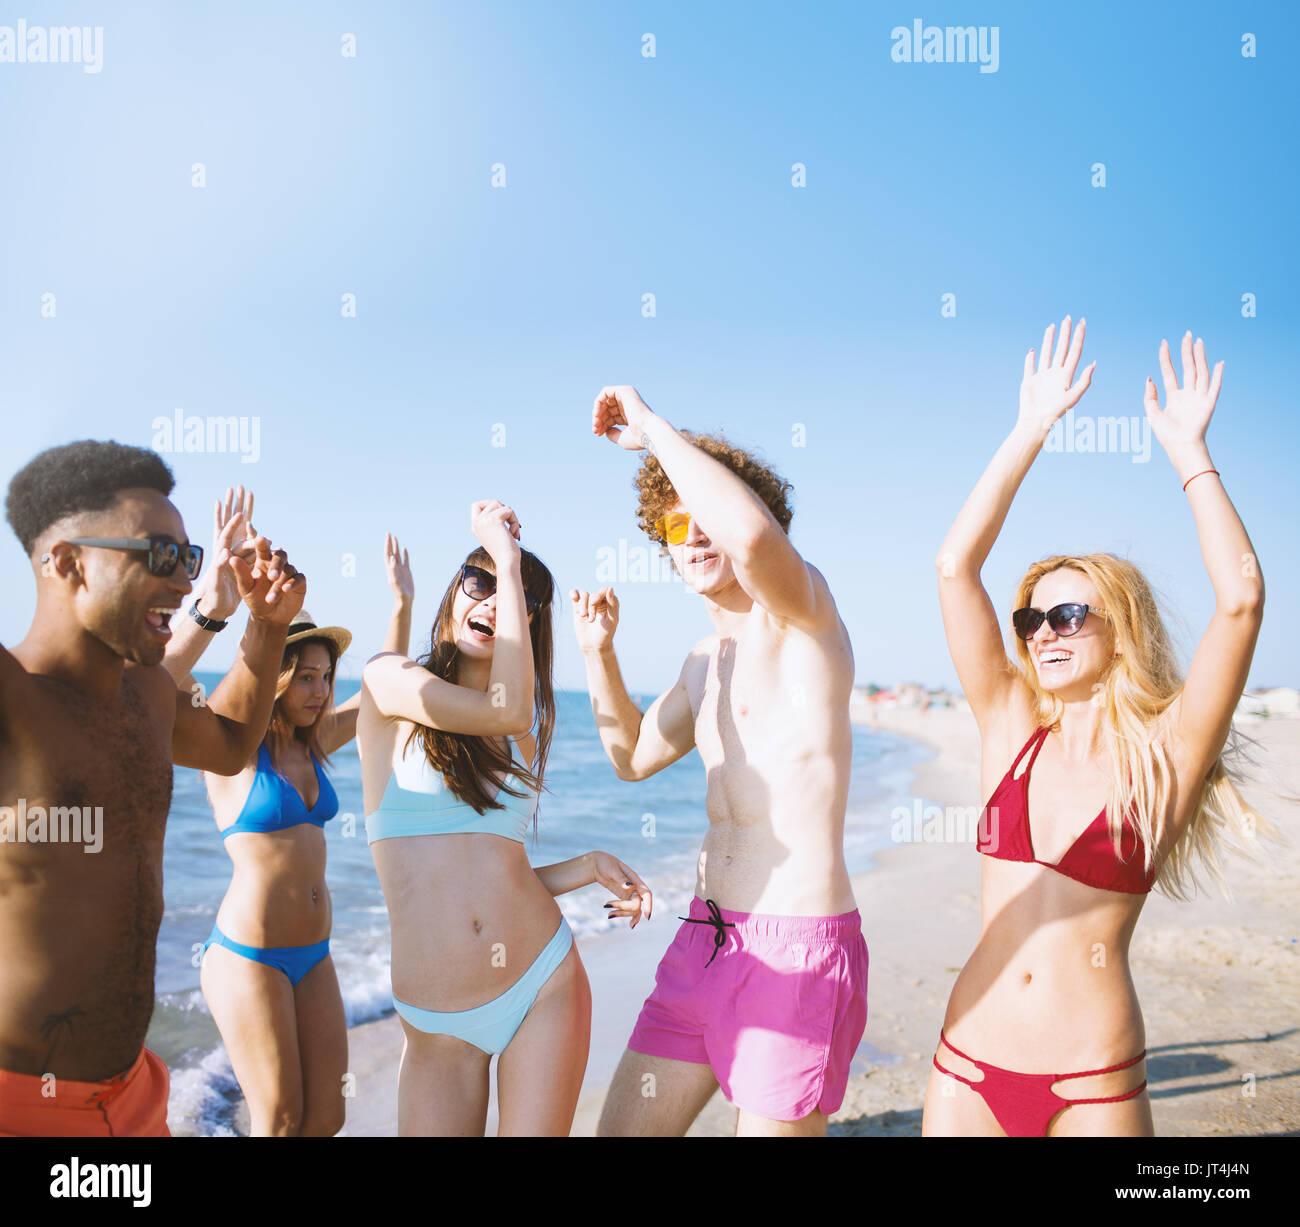 Grupo de Amigos bailando en la playa Imagen De Stock